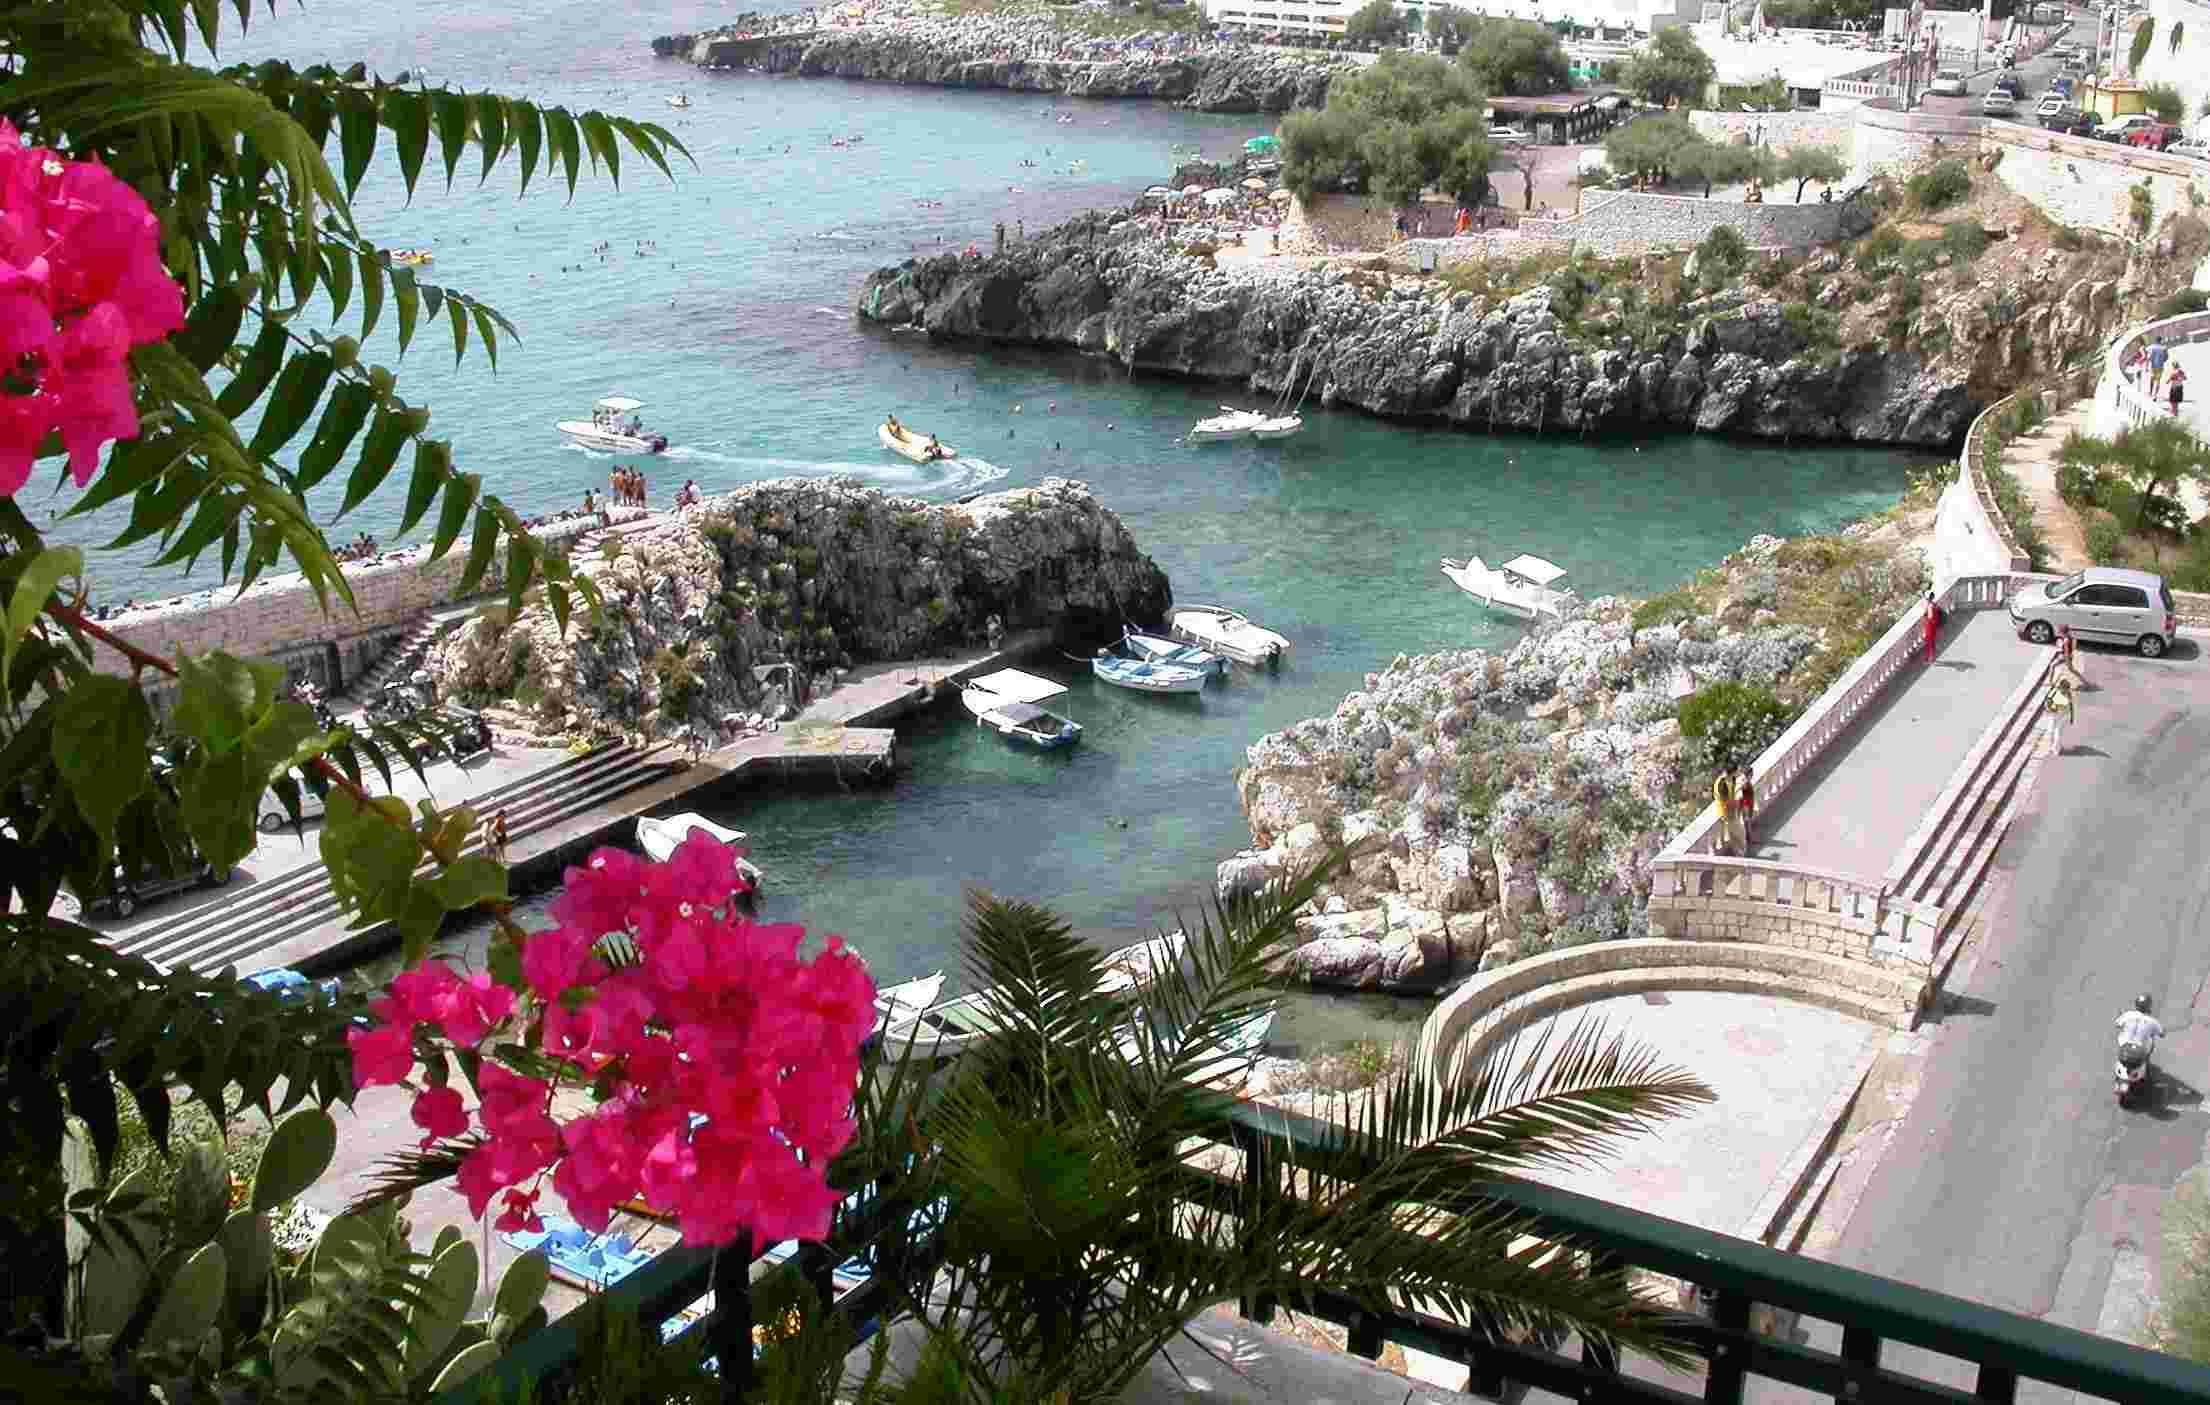 fare un bagno nelle scogliere di Castro marina (Puglia)